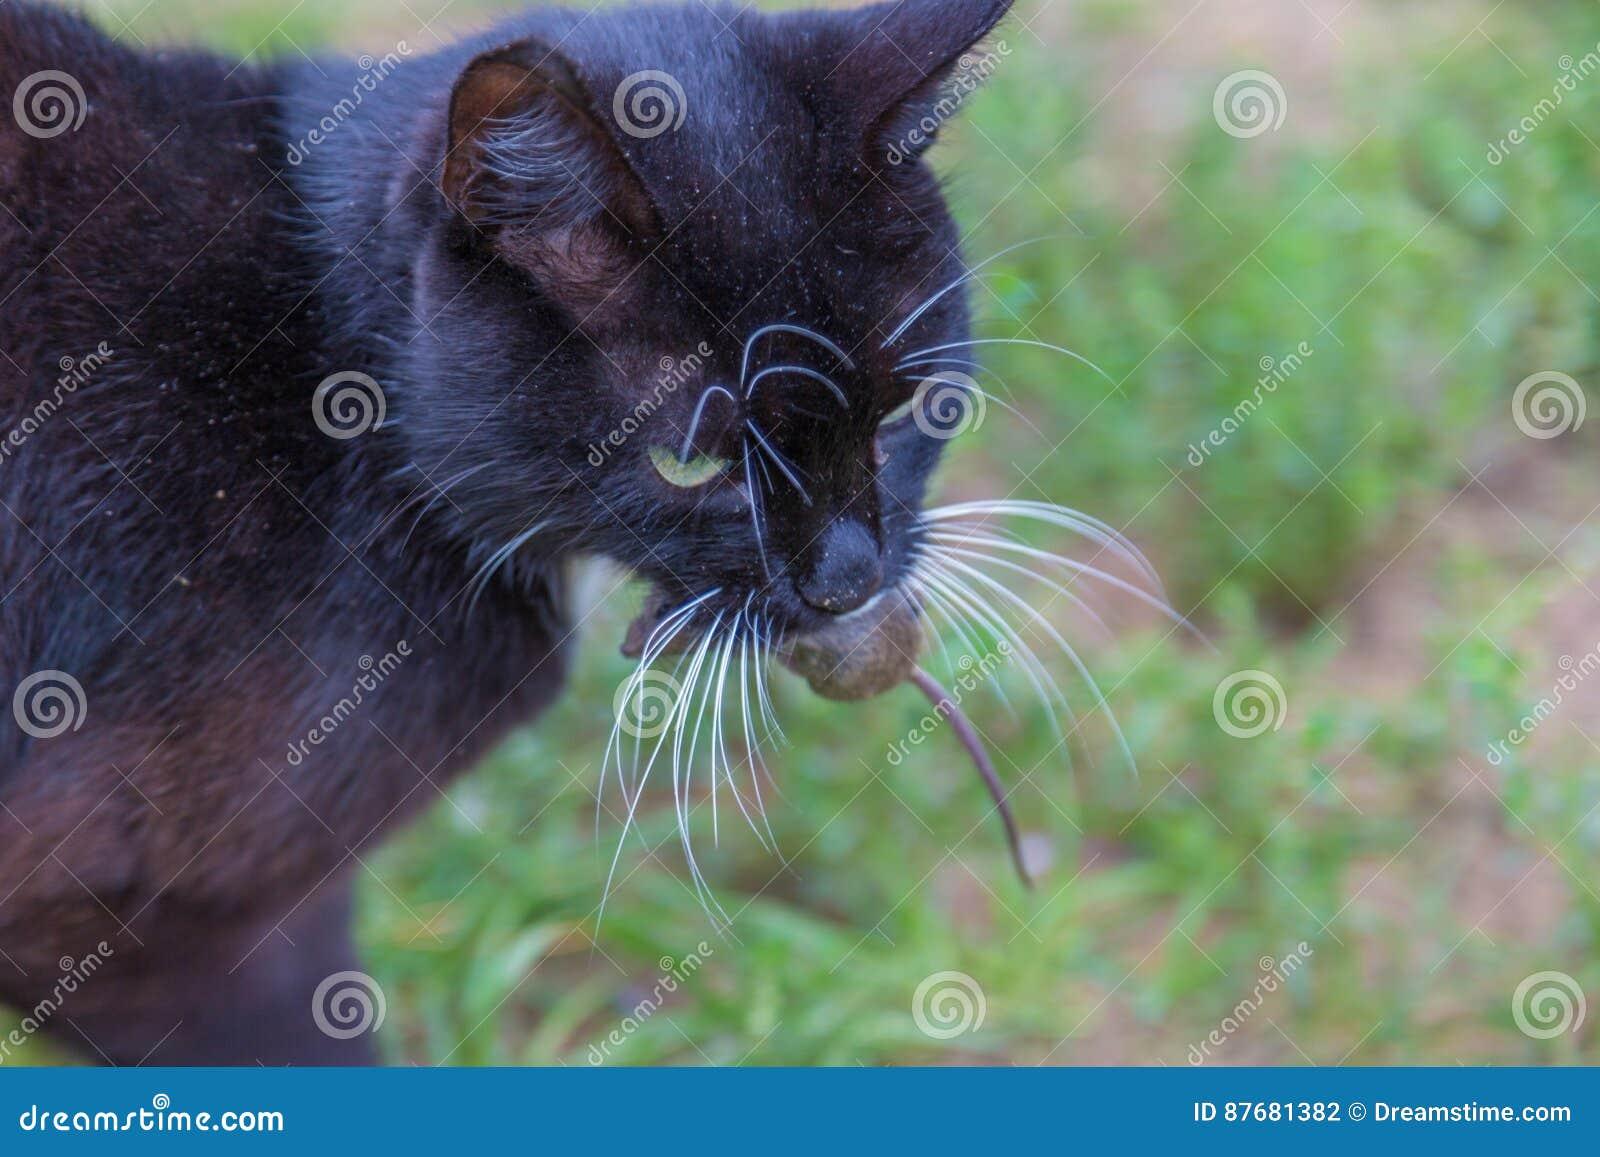 Katten Fångade En Mus Och Håll I Tänder Arkivfoto Bild Av Hungrigt